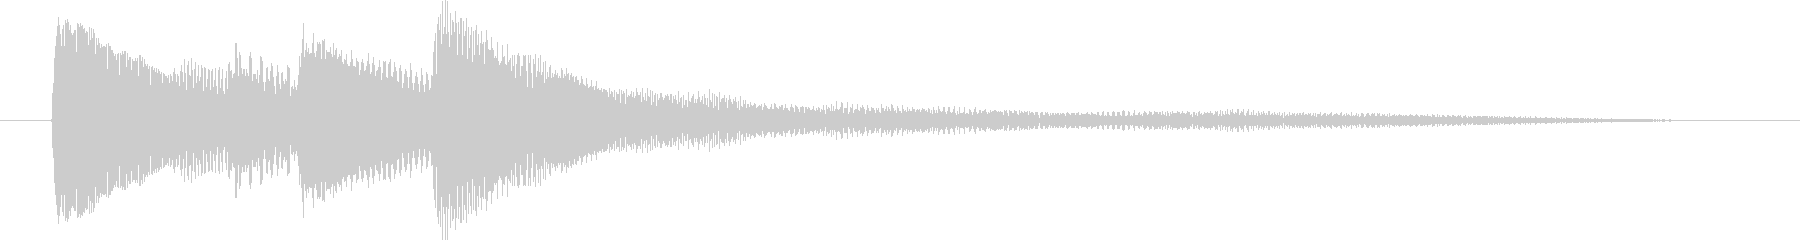 ピアノだけのシンプルで綺麗なジングル3の未再生の波形